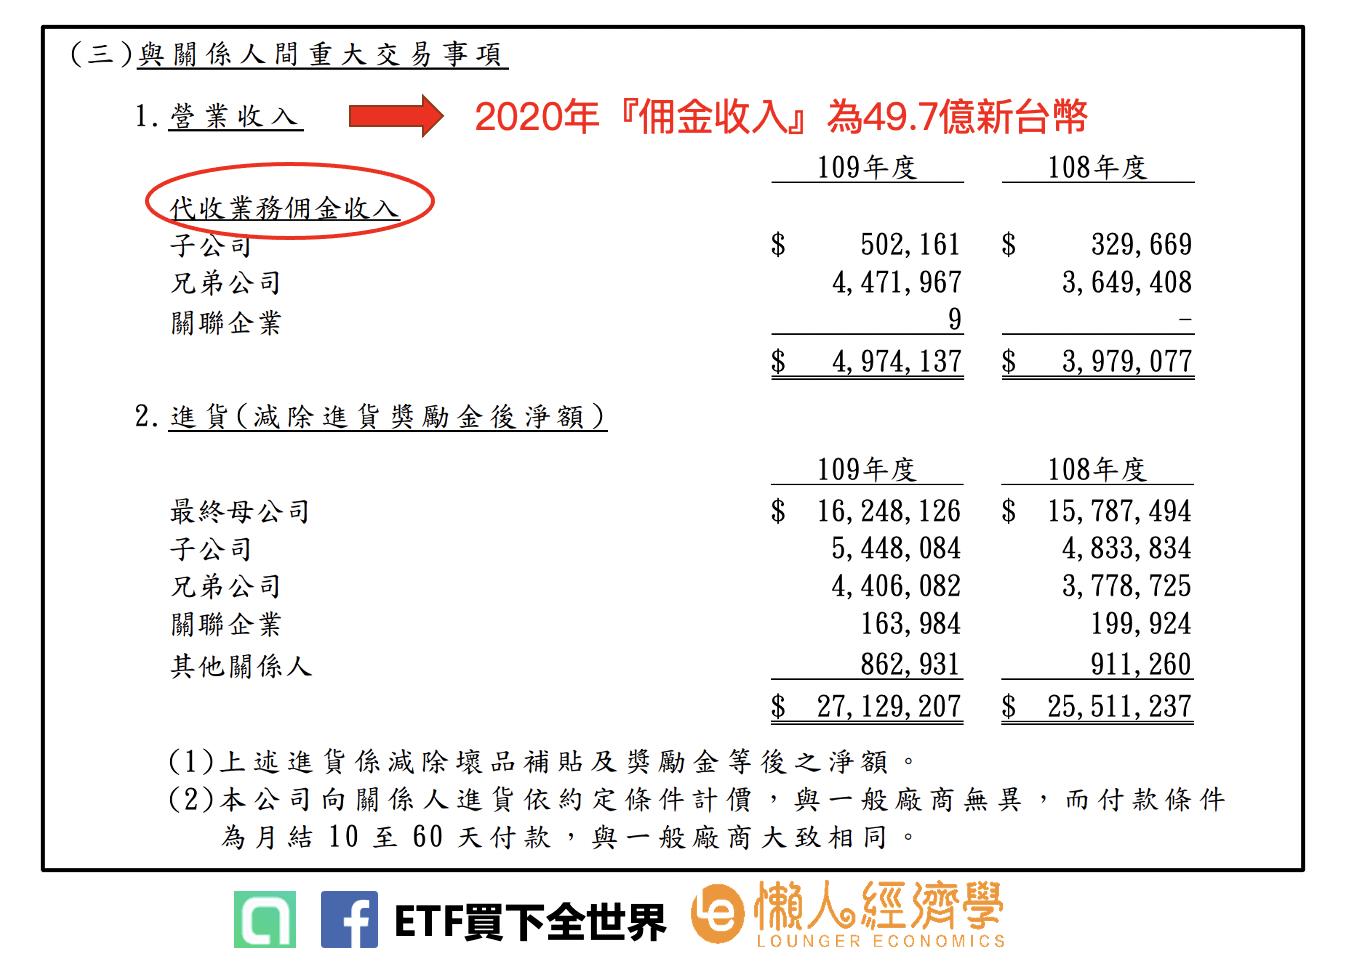 託收的佣金收入是49.7億